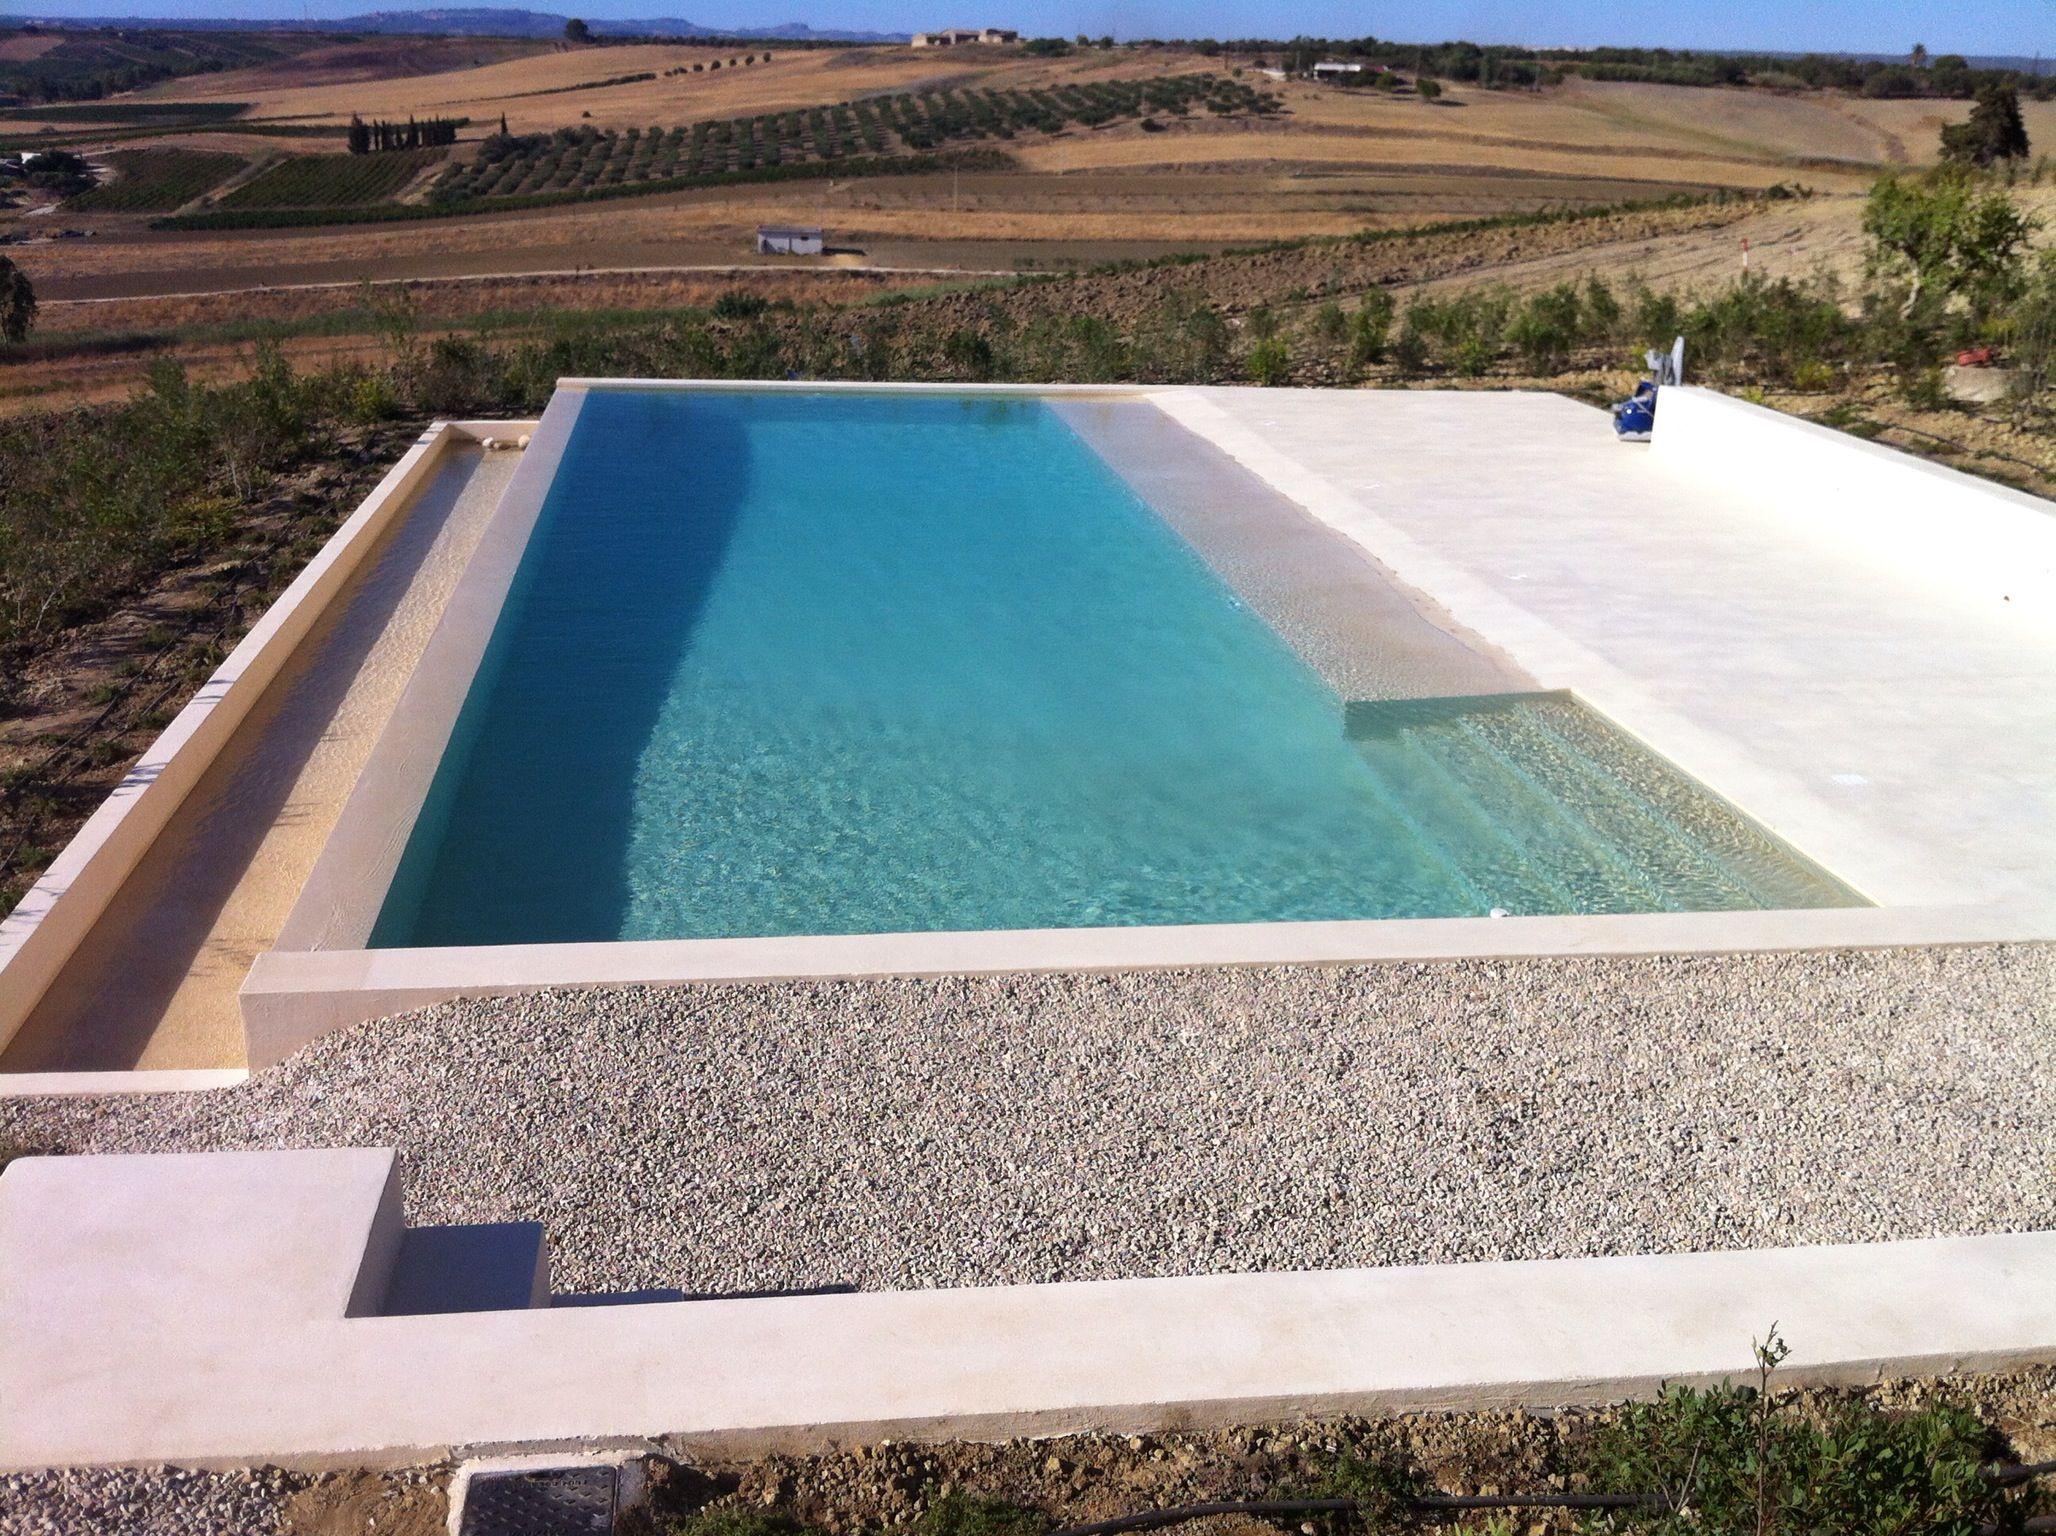 Piscine Sfioro A Cascata piscina con sfioro a cascata e spiagetta (con immagini